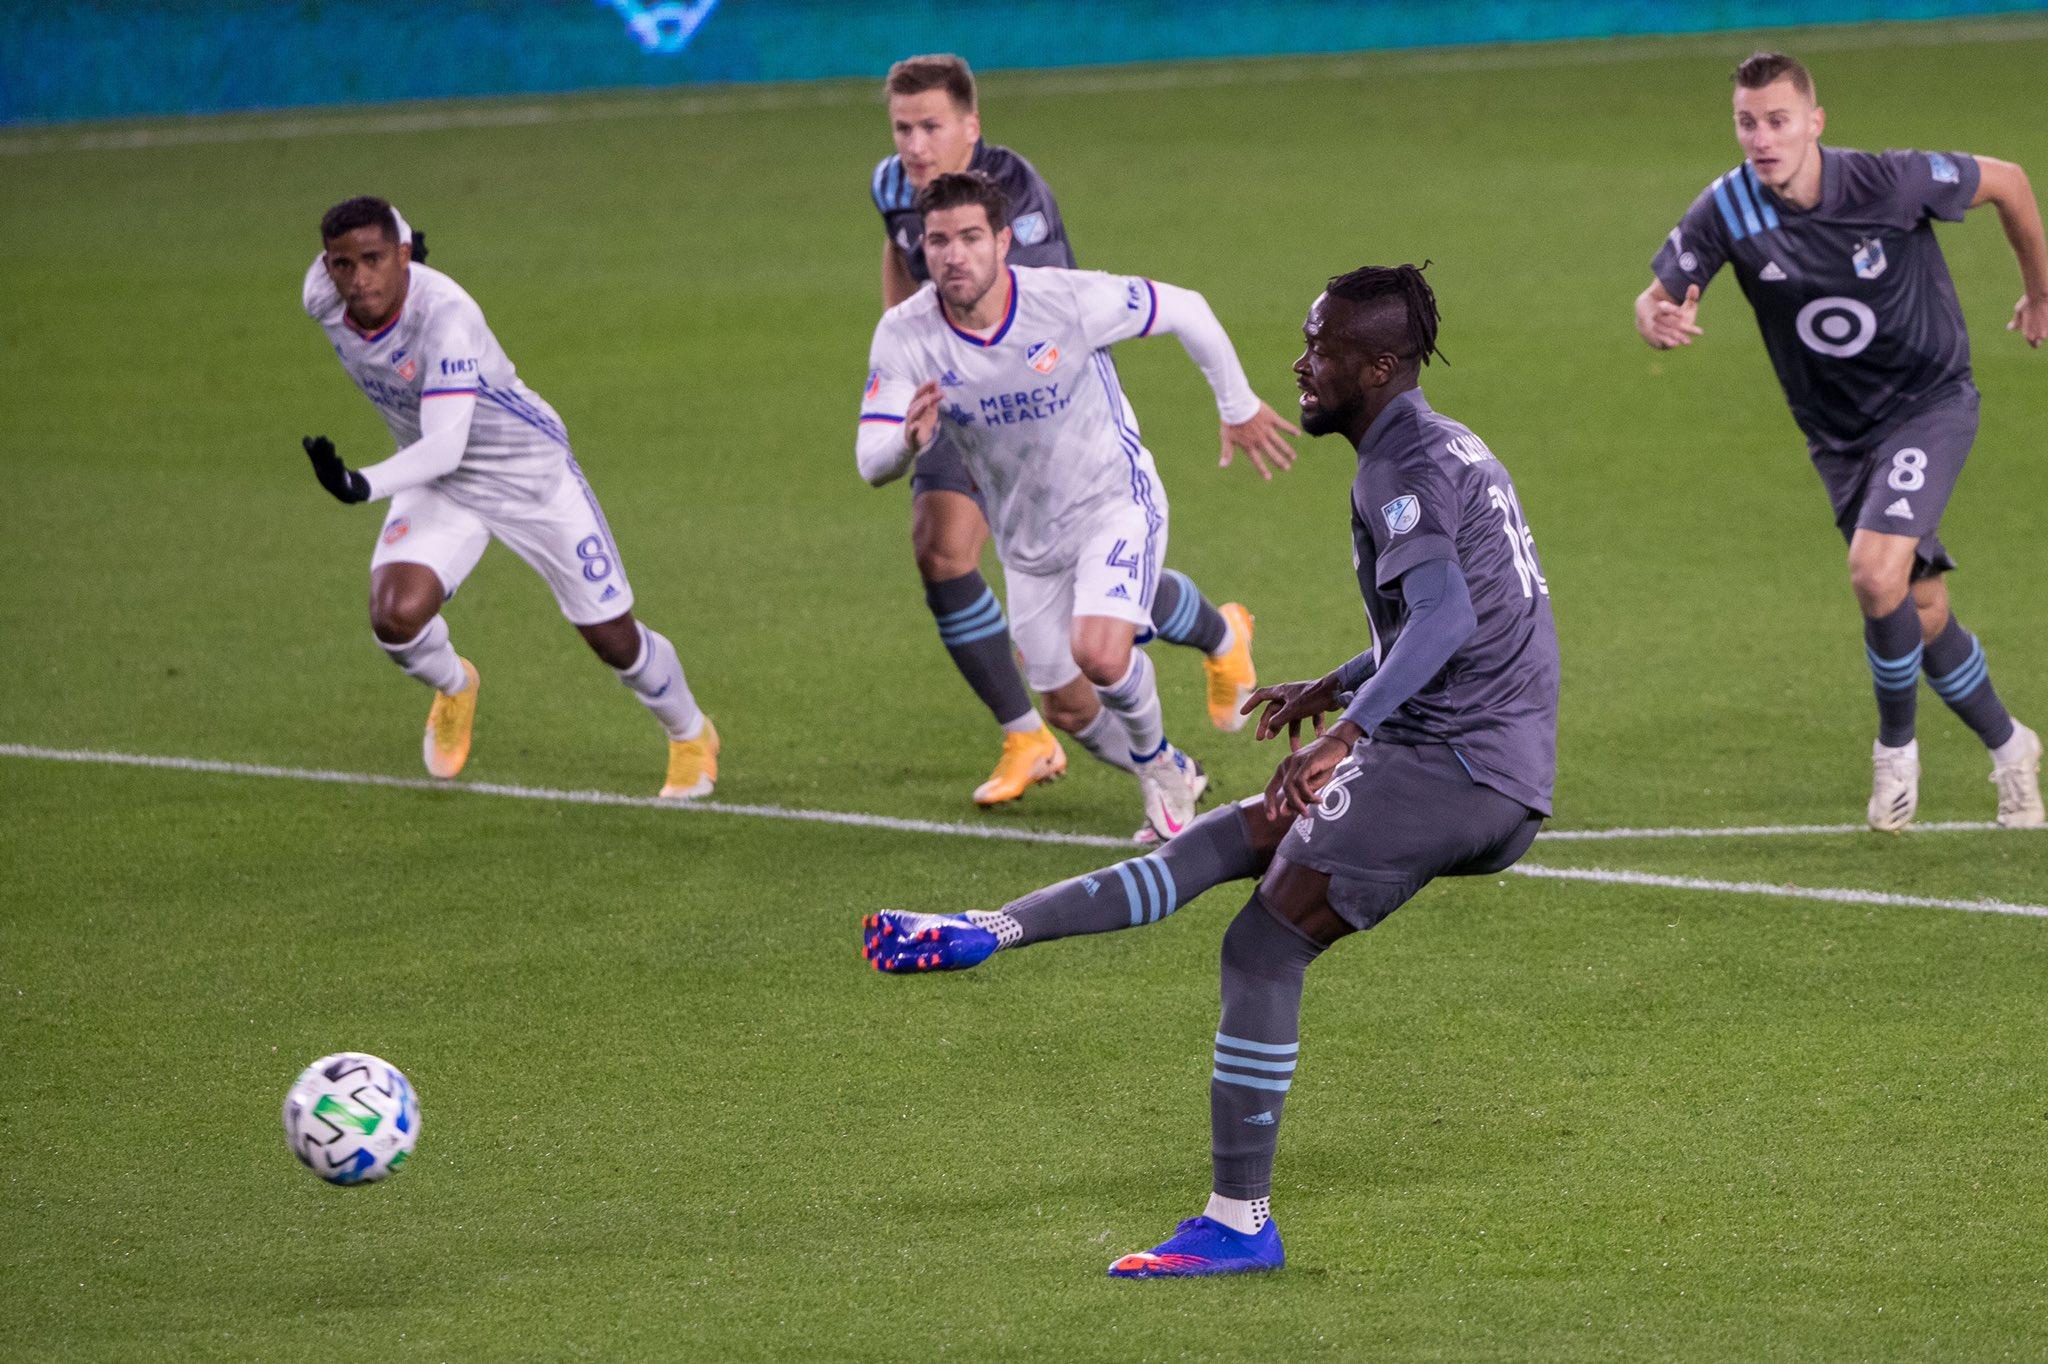 Kei Kamara on target as Minnesota beat Cincinnati